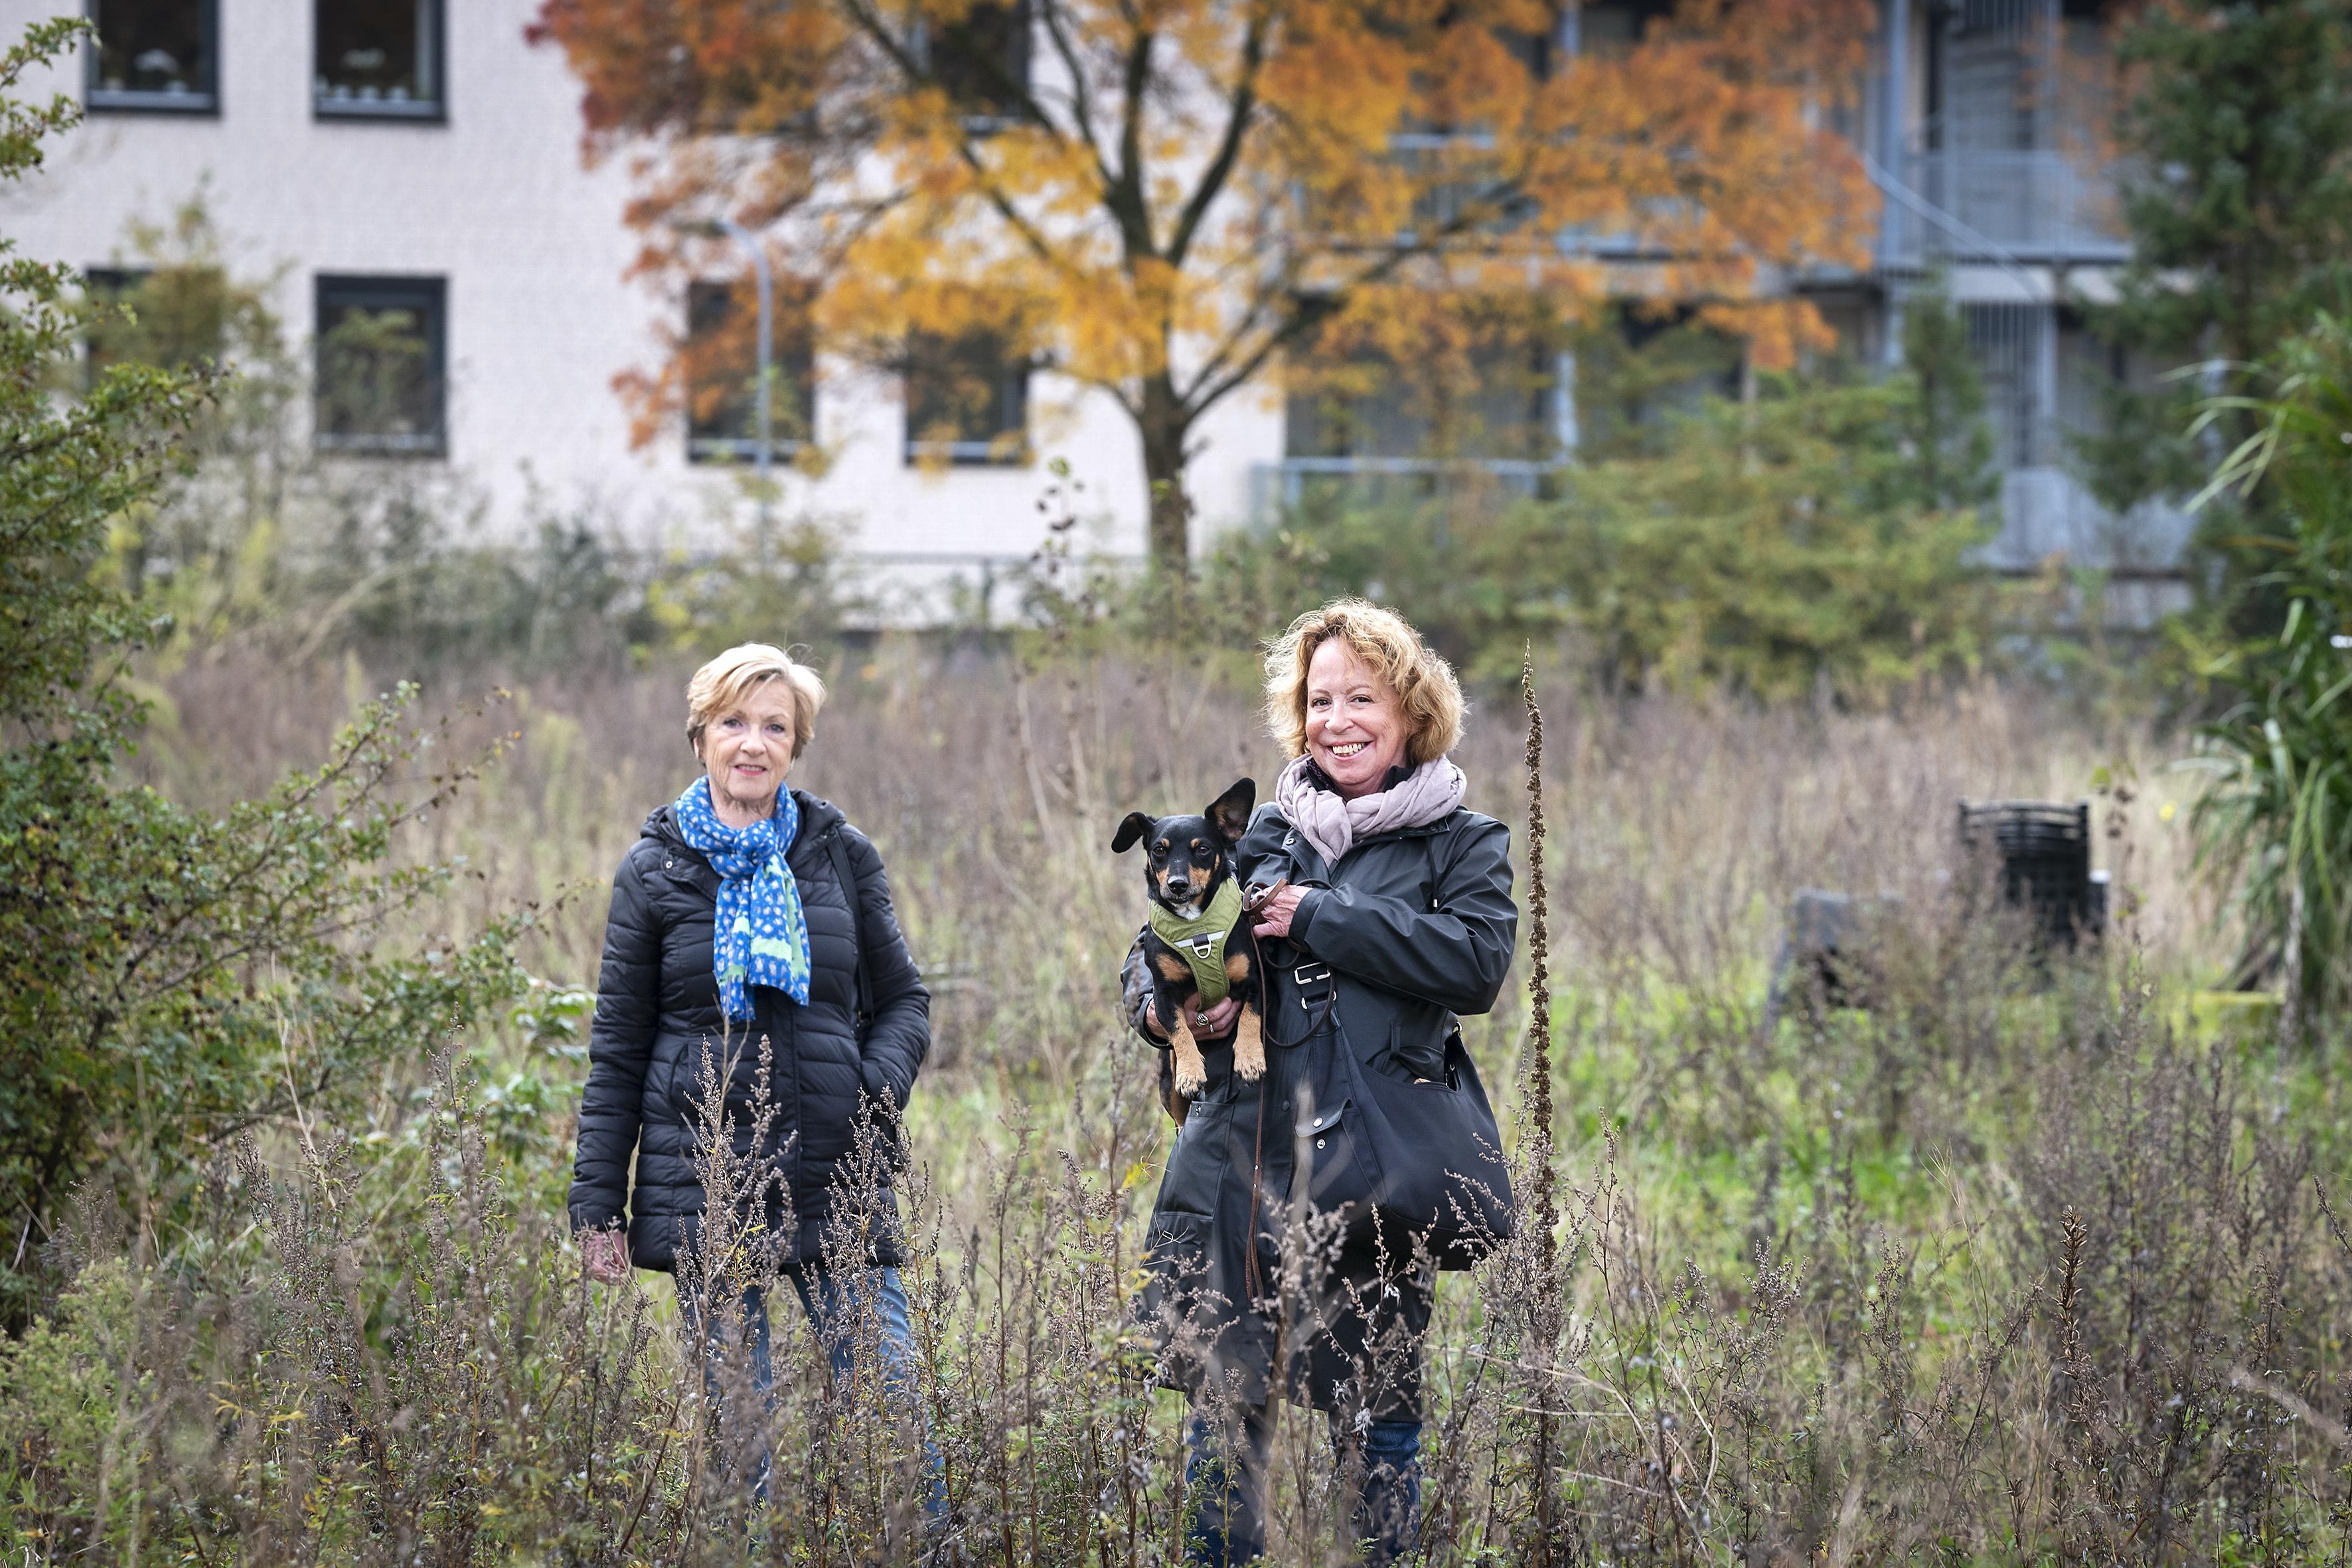 Knarrenhof wil een woongroep voor ouderen in Haarlem starten, maar een locatie vinden blijkt al ruim drie jaar een onmogelijke taak: 'De grond is hier te spaarzaam'